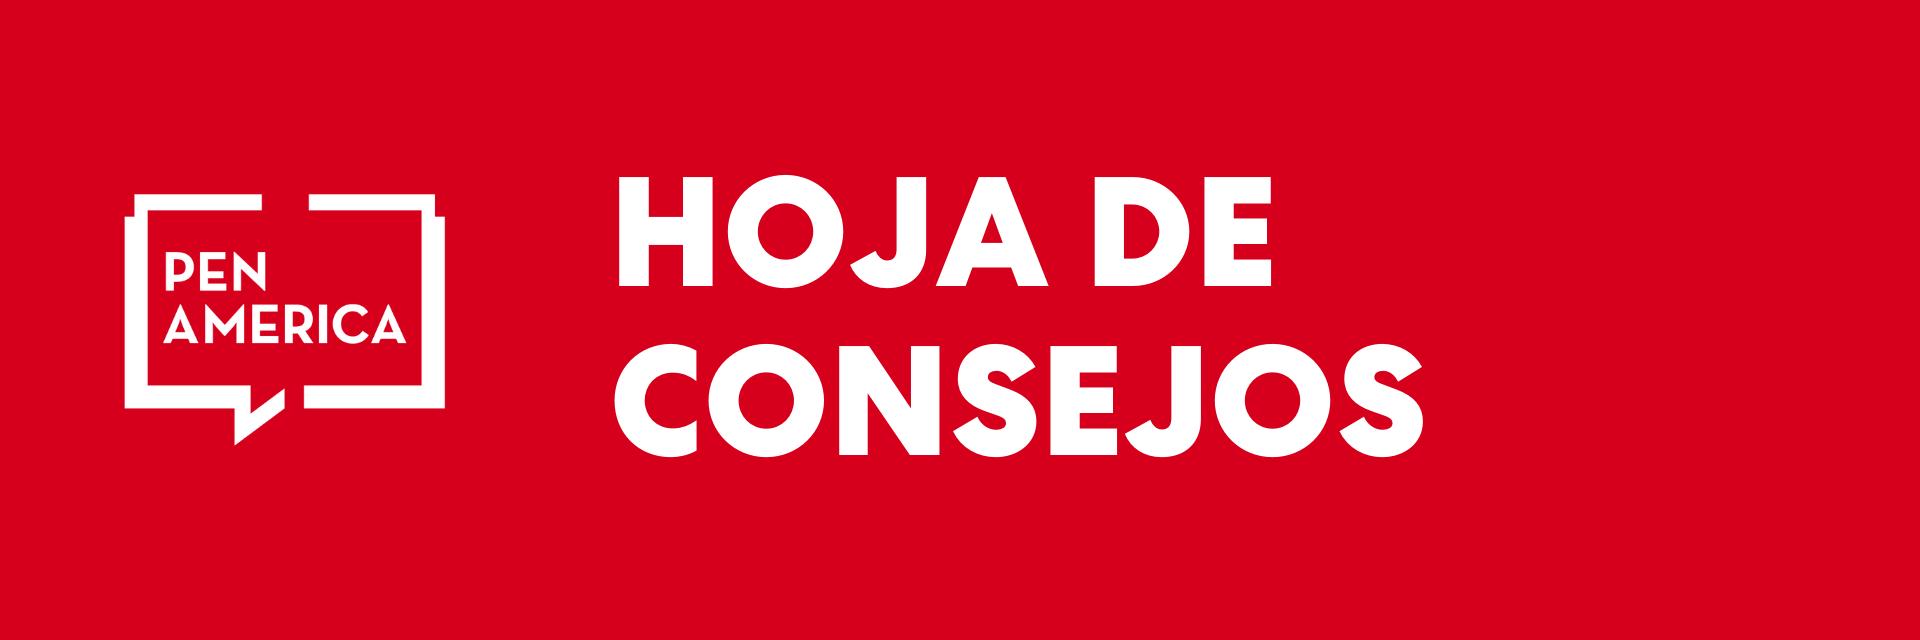 """Bandera roja con las palabras """"Hoja de consejos"""" y el logotipo de PEN America"""